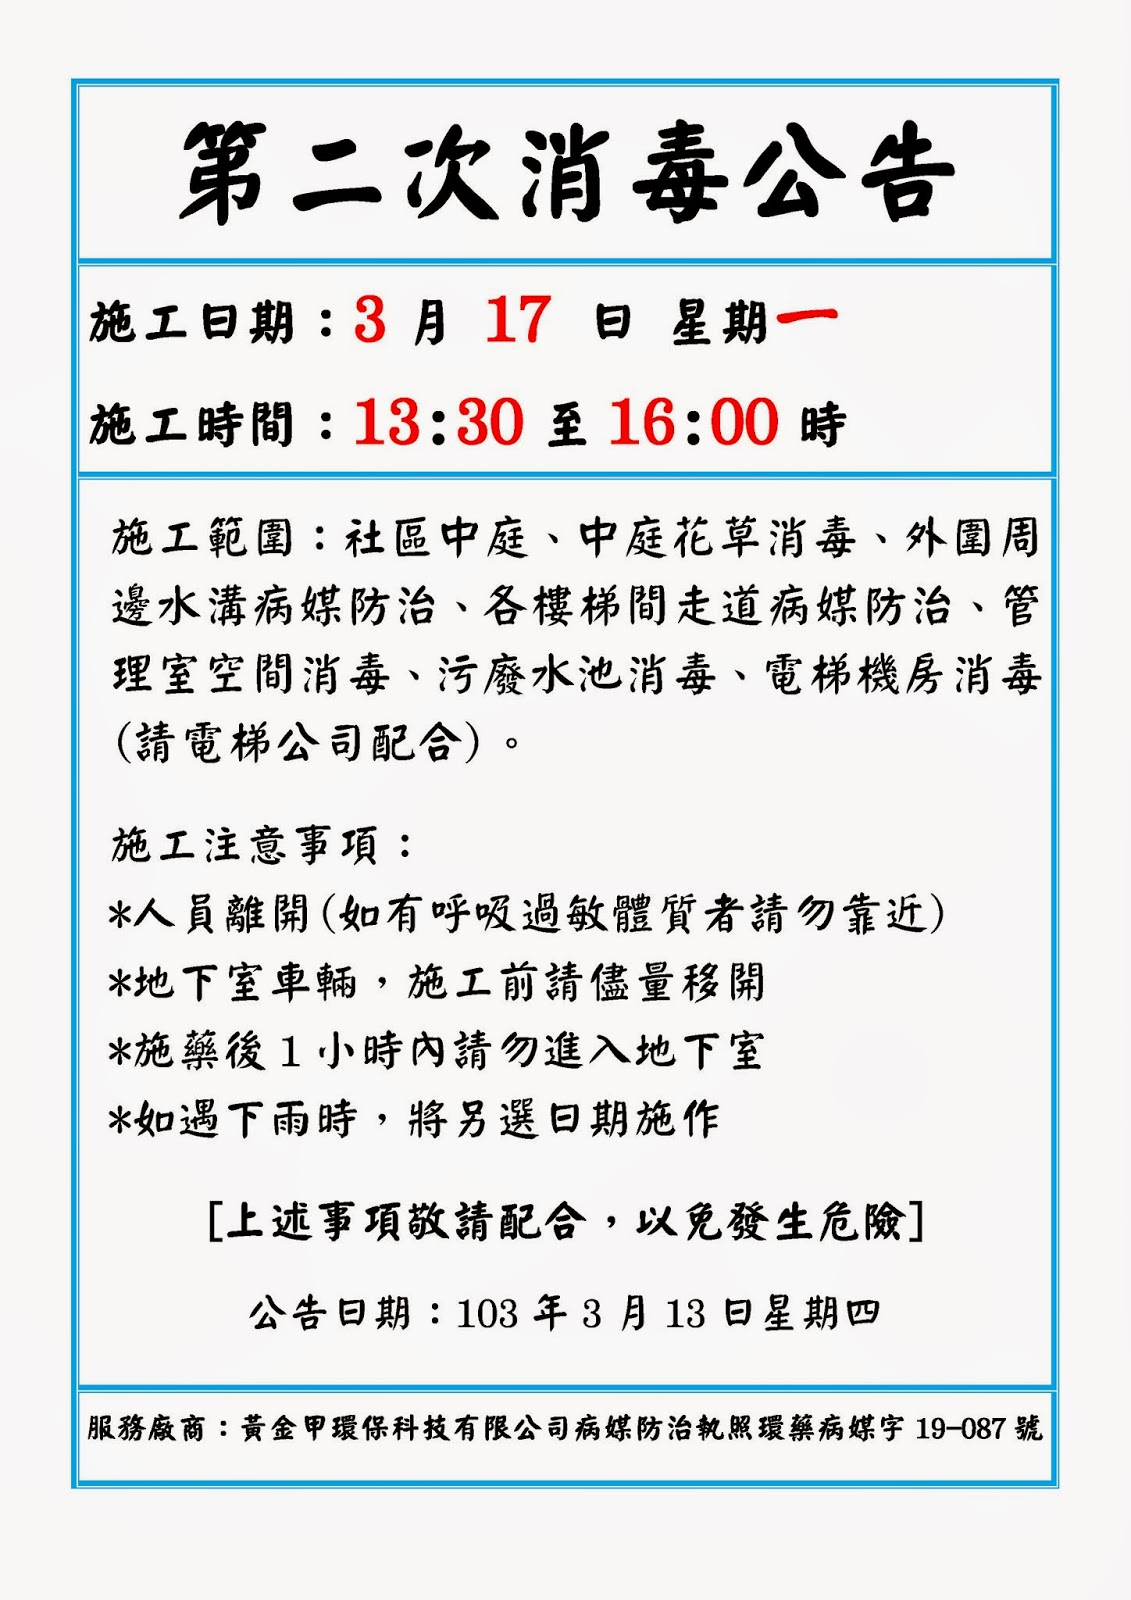 『新光和園 社區管理委員會』/ Community Comittee: 三月 2014